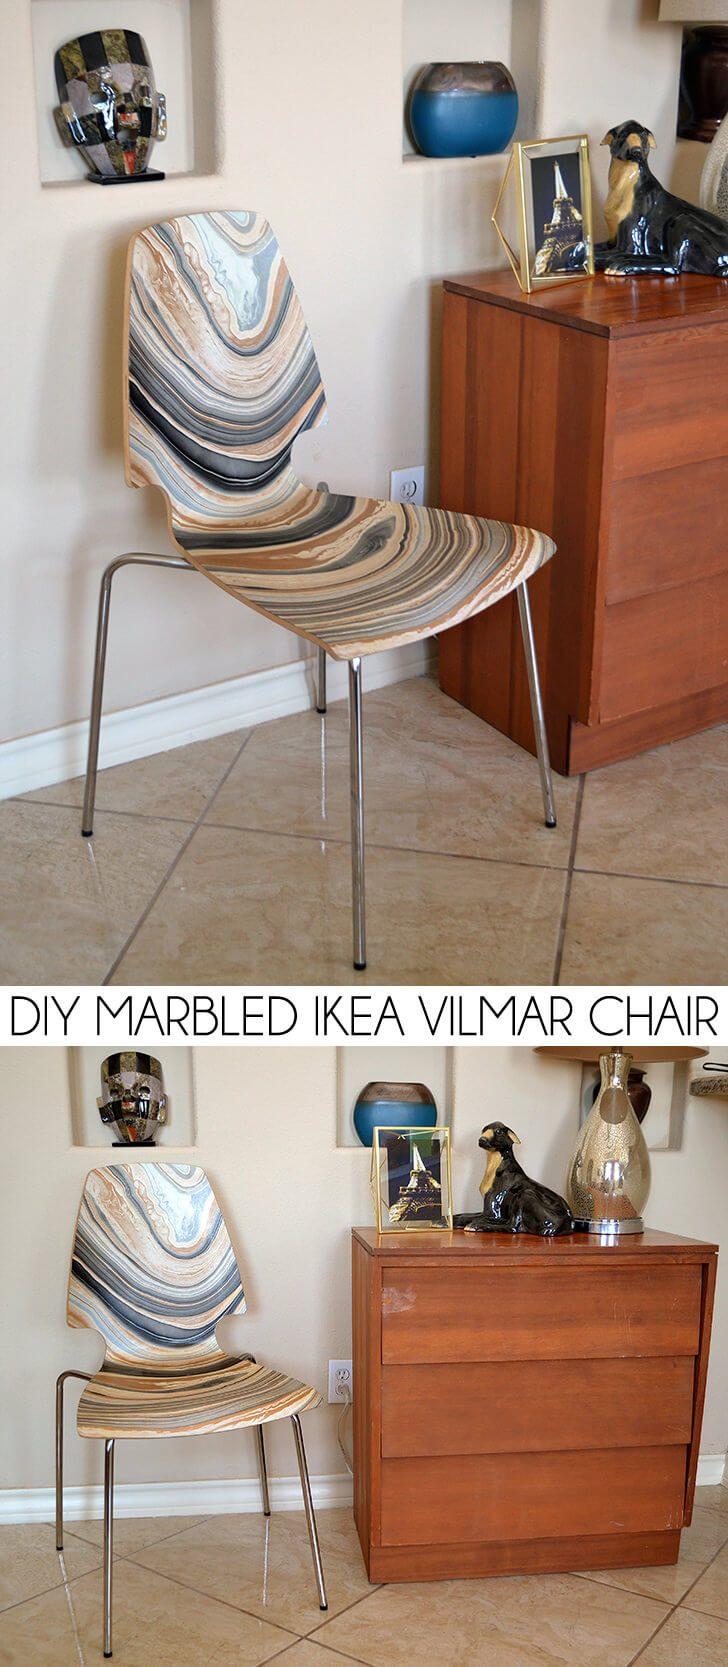 DIY Marbled IKEA Vilmar Chair